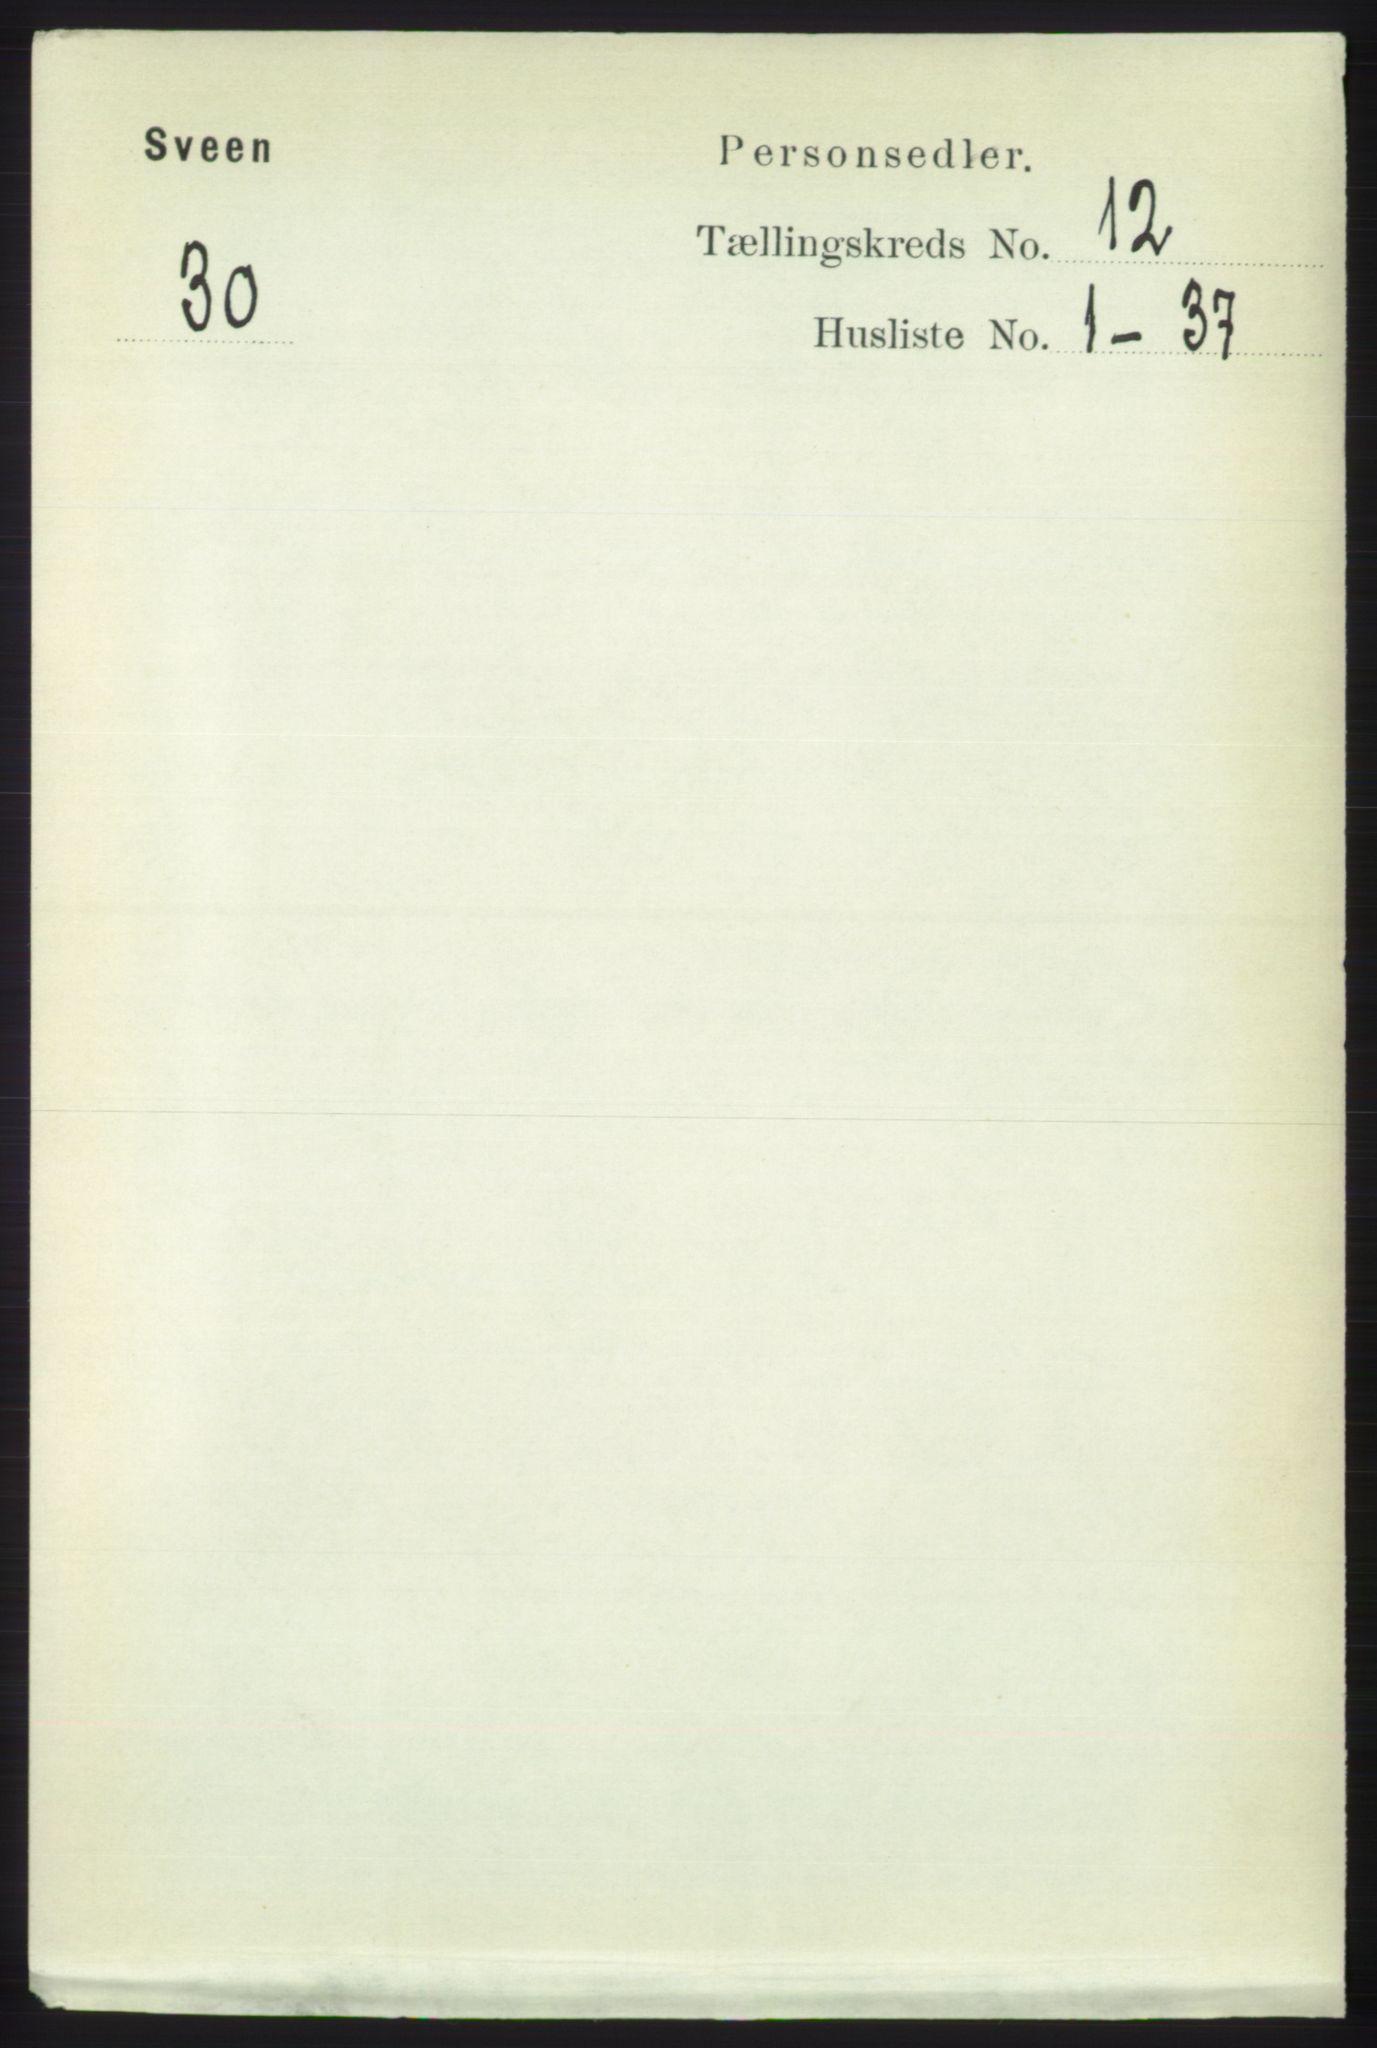 RA, Folketelling 1891 for 1216 Sveio herred, 1891, s. 3429